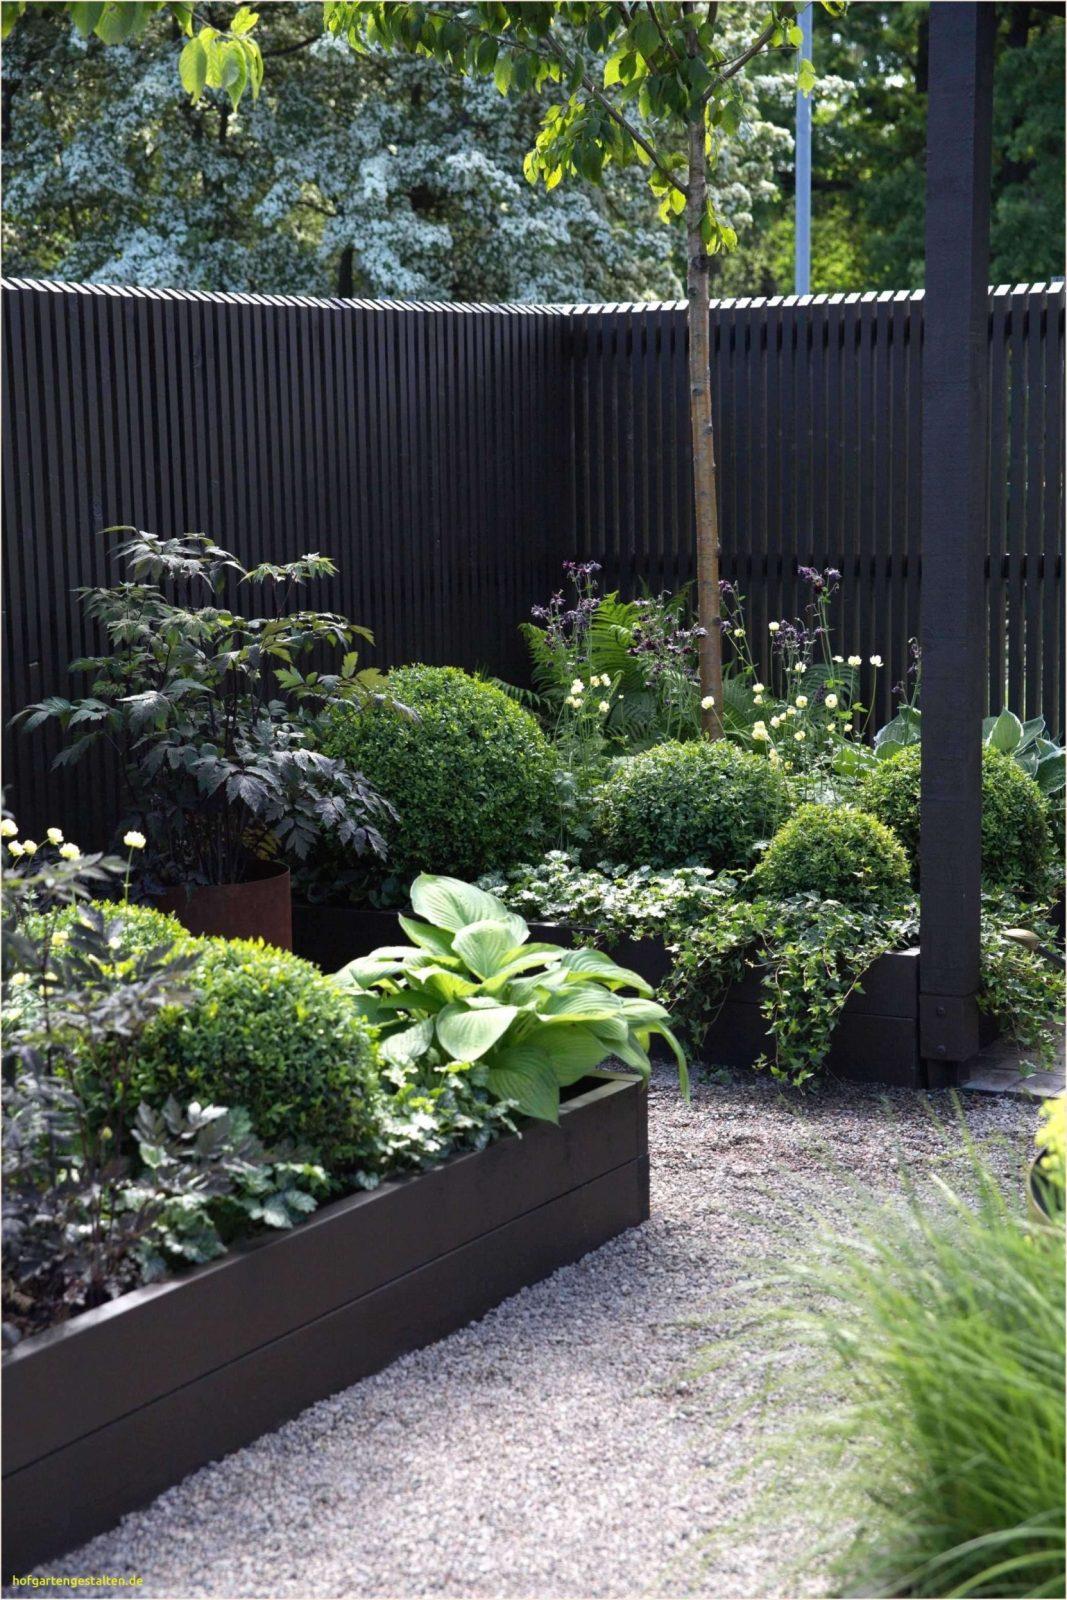 Gartengestaltung Kleine Gärten Ohne Rasen Reizend Gartenideen Für von Kleine Gärten Gestalten Ohne Rasen Photo